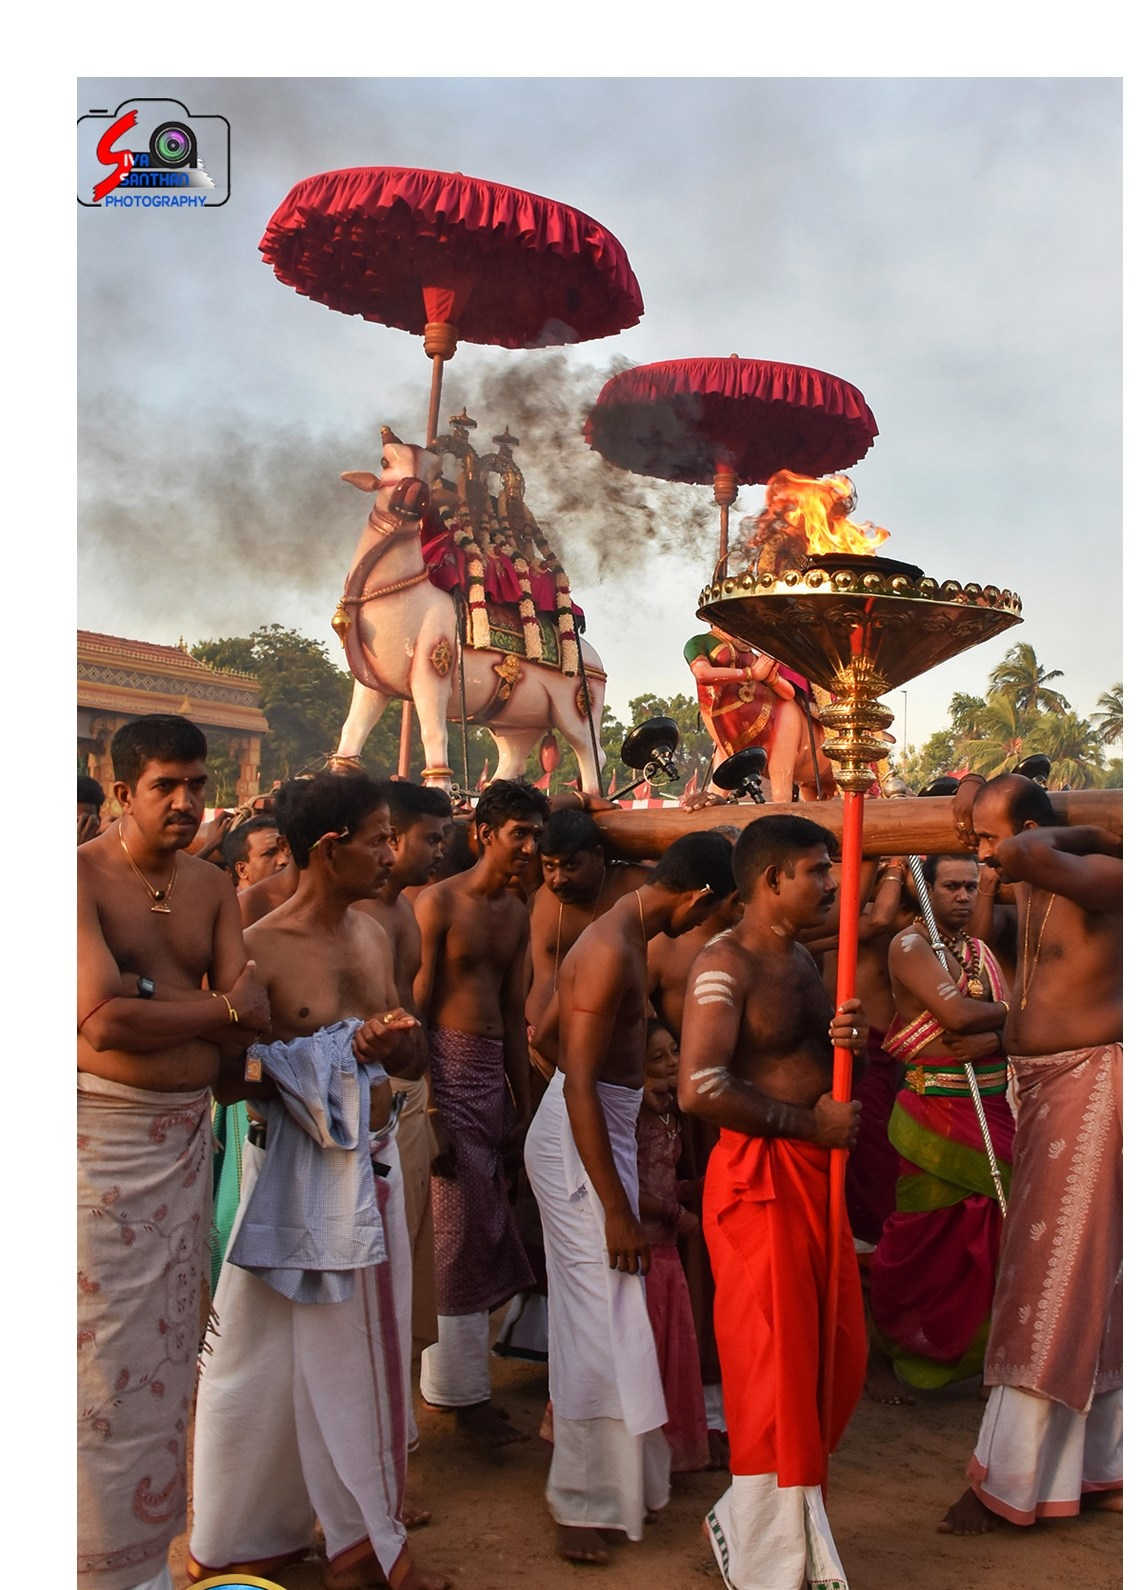 நல்லூர் கந்தசுவாமி ஆலய 7ஆம் திருவிழா(03.08.2017)